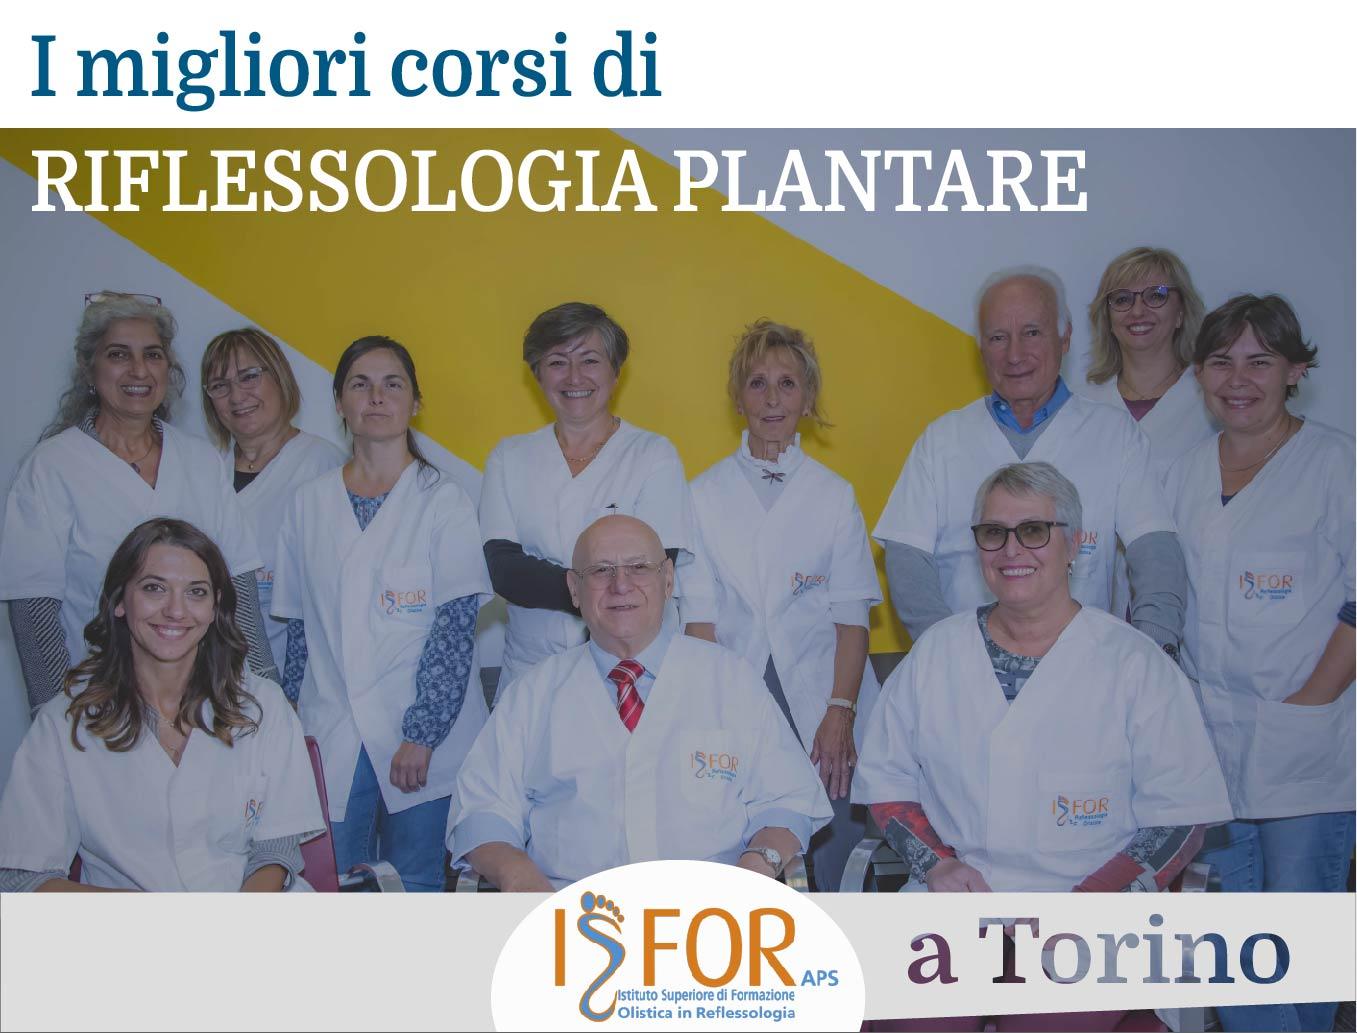 isfor-corsi-di-riflessologia-plantare-a-torino